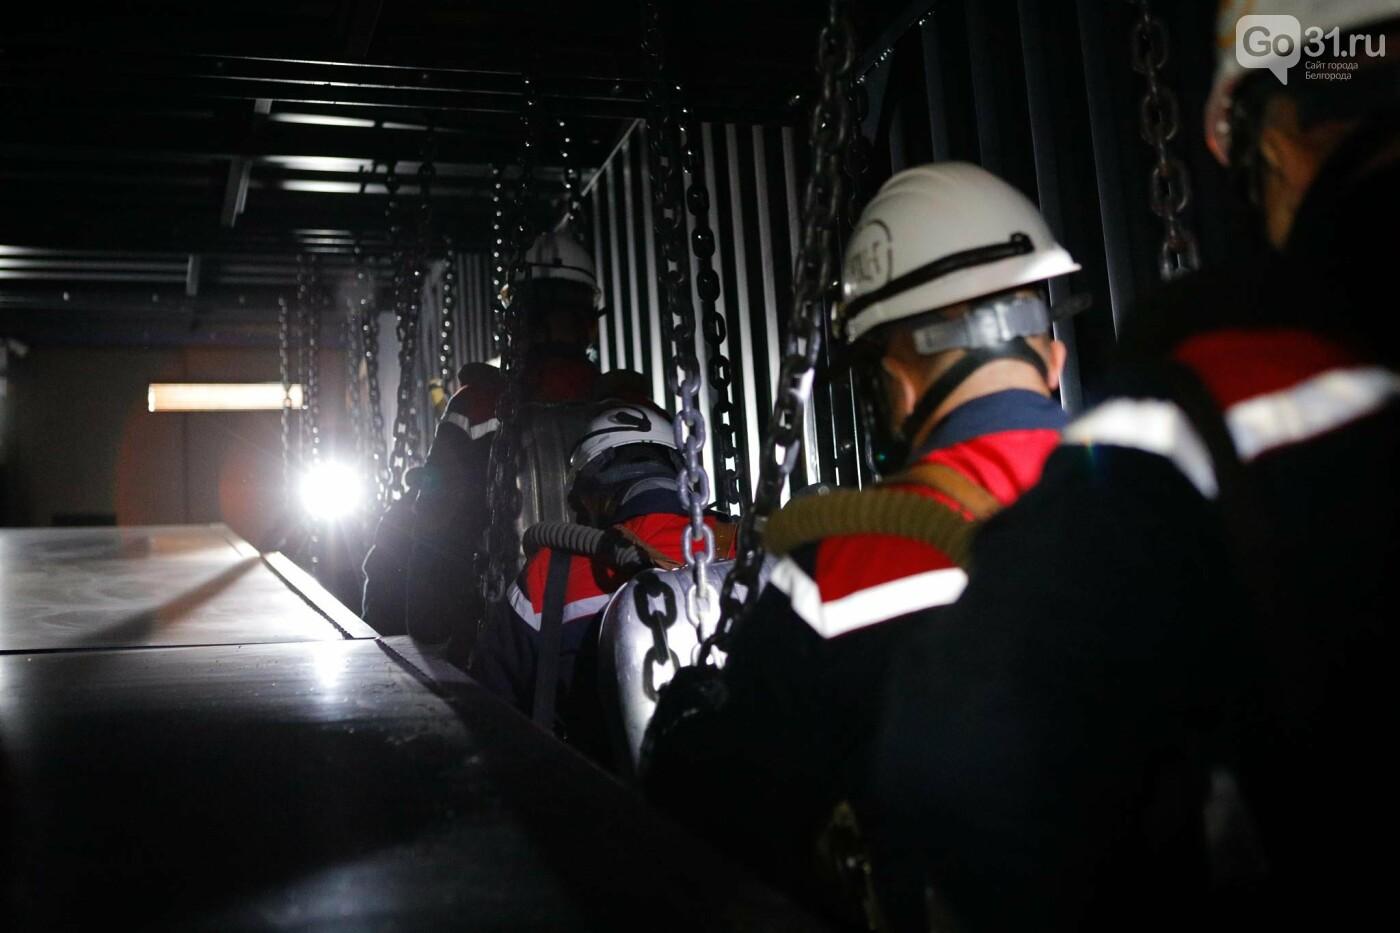 В Белгородской области горноспасатели провели спецоперацию, фото-7